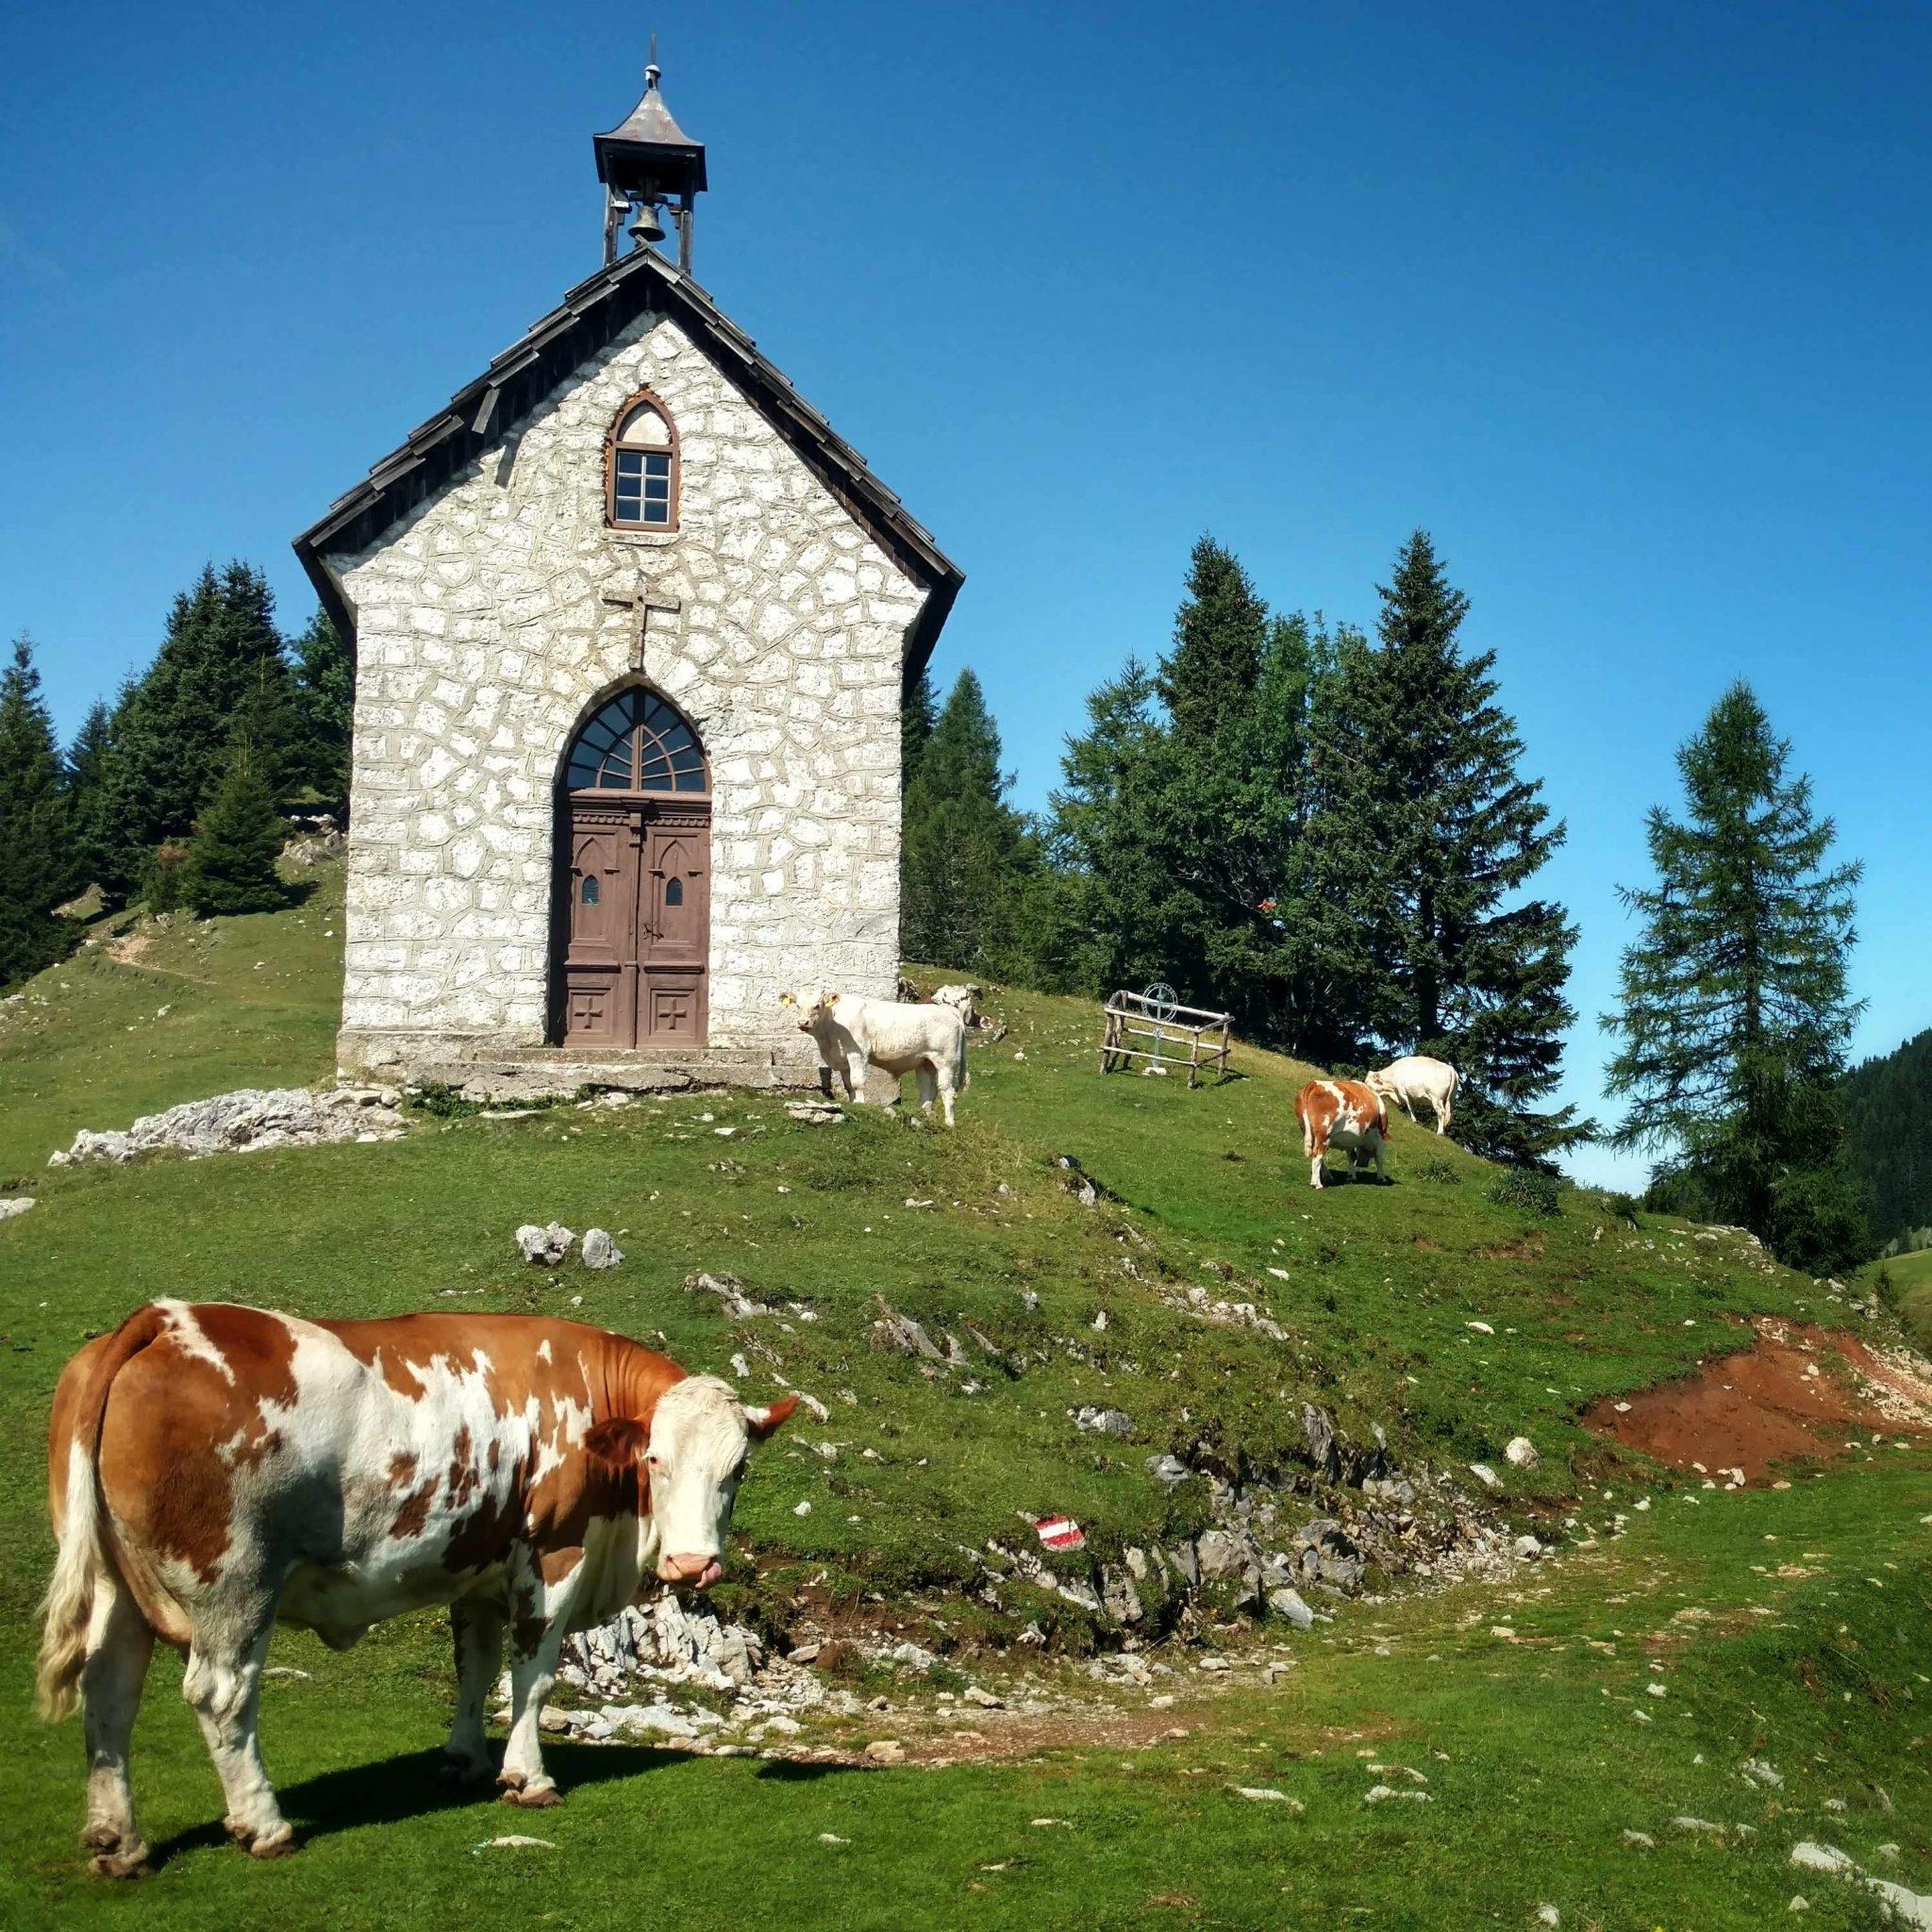 Karnischer_Höhenweg_alps